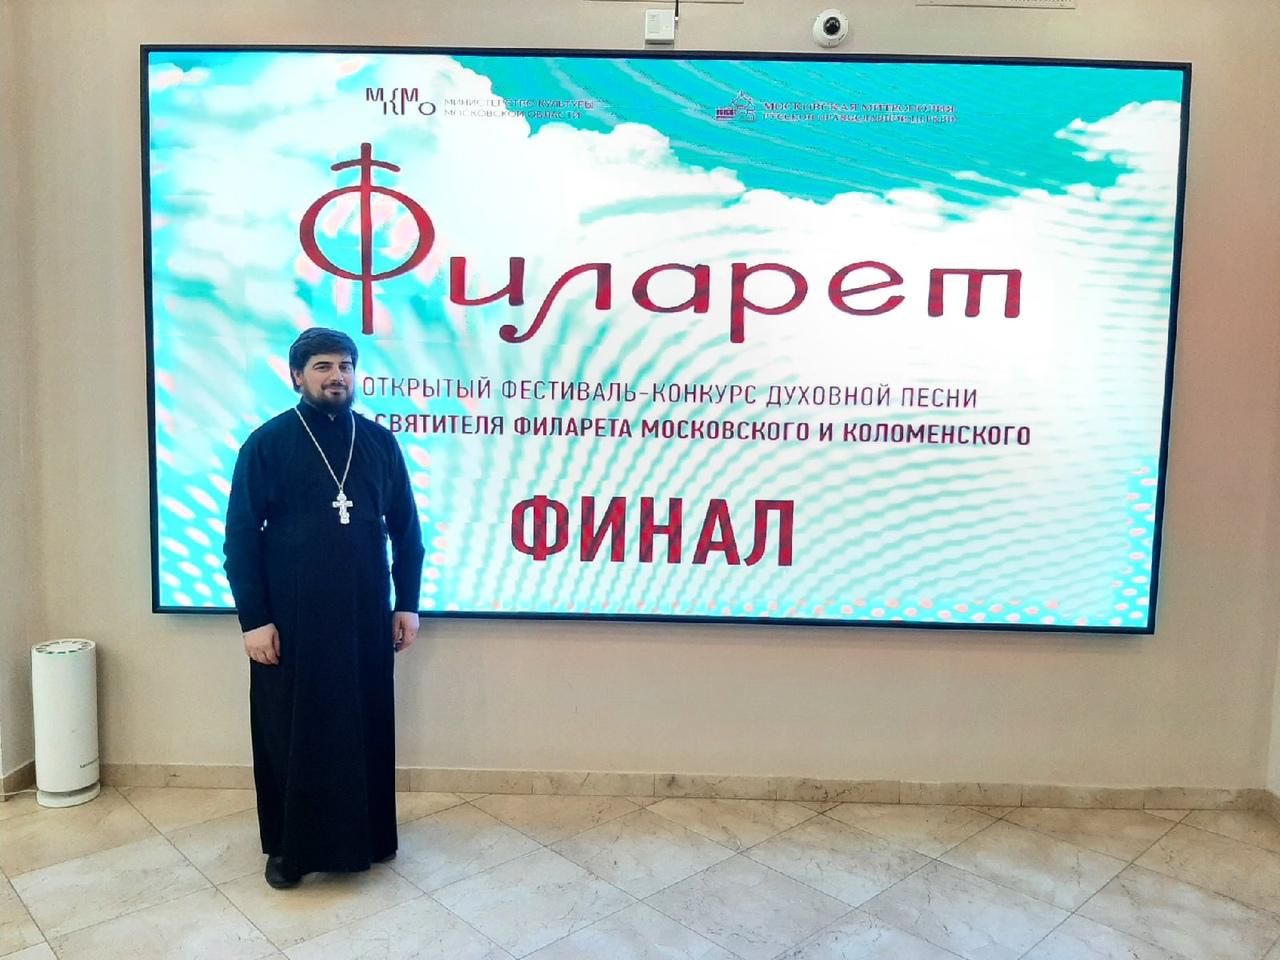 Открытый фестиваль-конкурс духовной песни имени святителя Филарета, митрополита Московского и Коломенского.